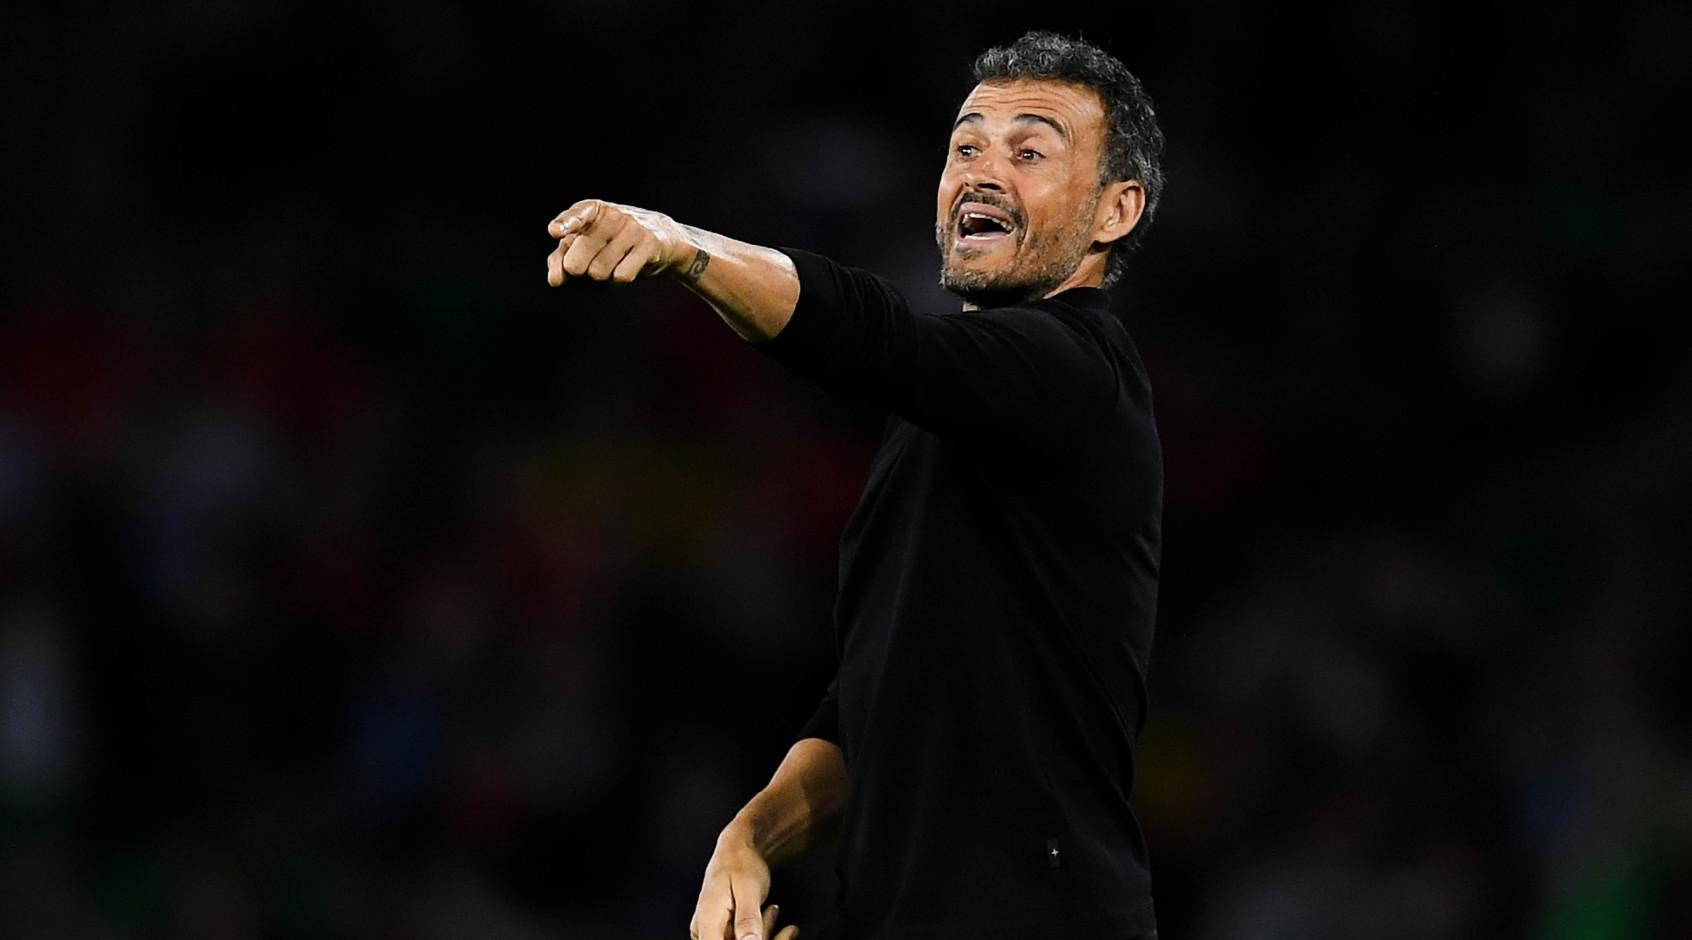 Официально: Луис Энрике возглавил сборную Испании